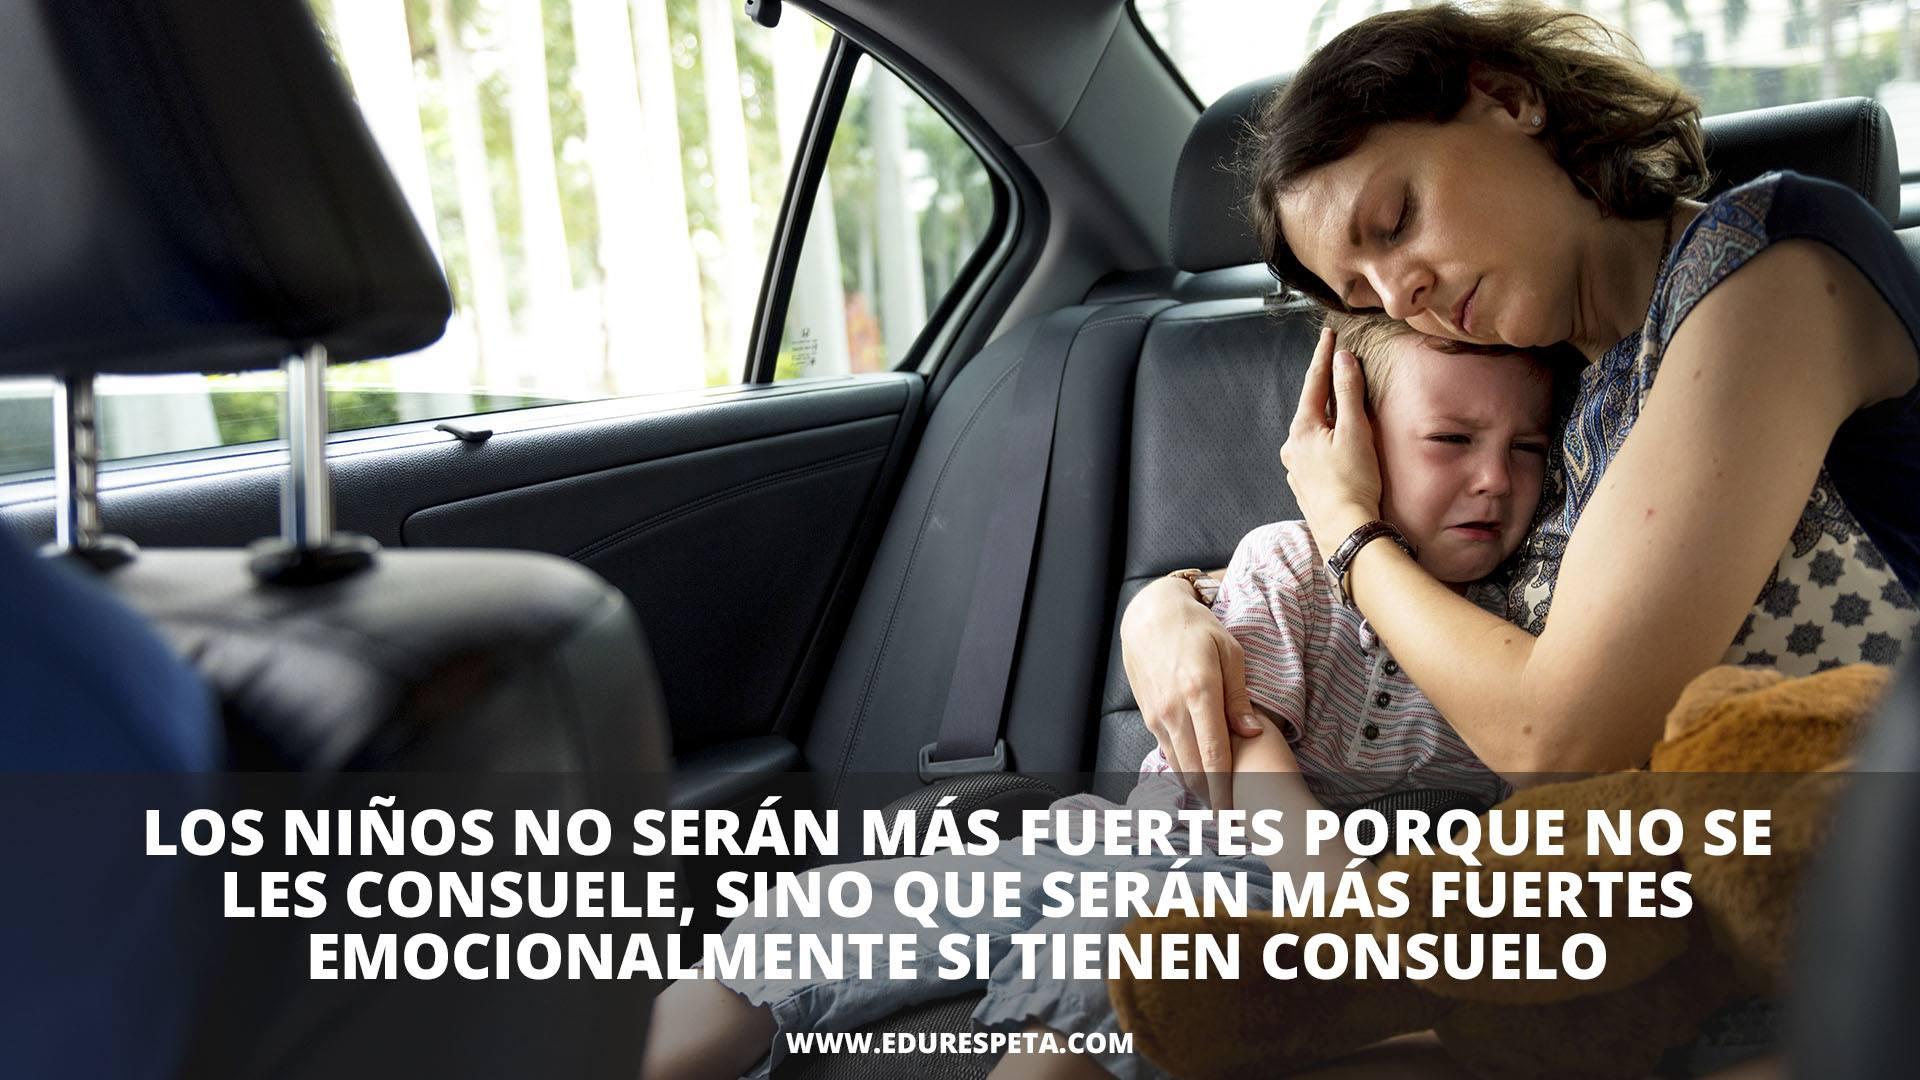 Los niños no serán más fuertes porque no se les consuele, sino que serán más fuertes emocionalmente si tiene consuelo